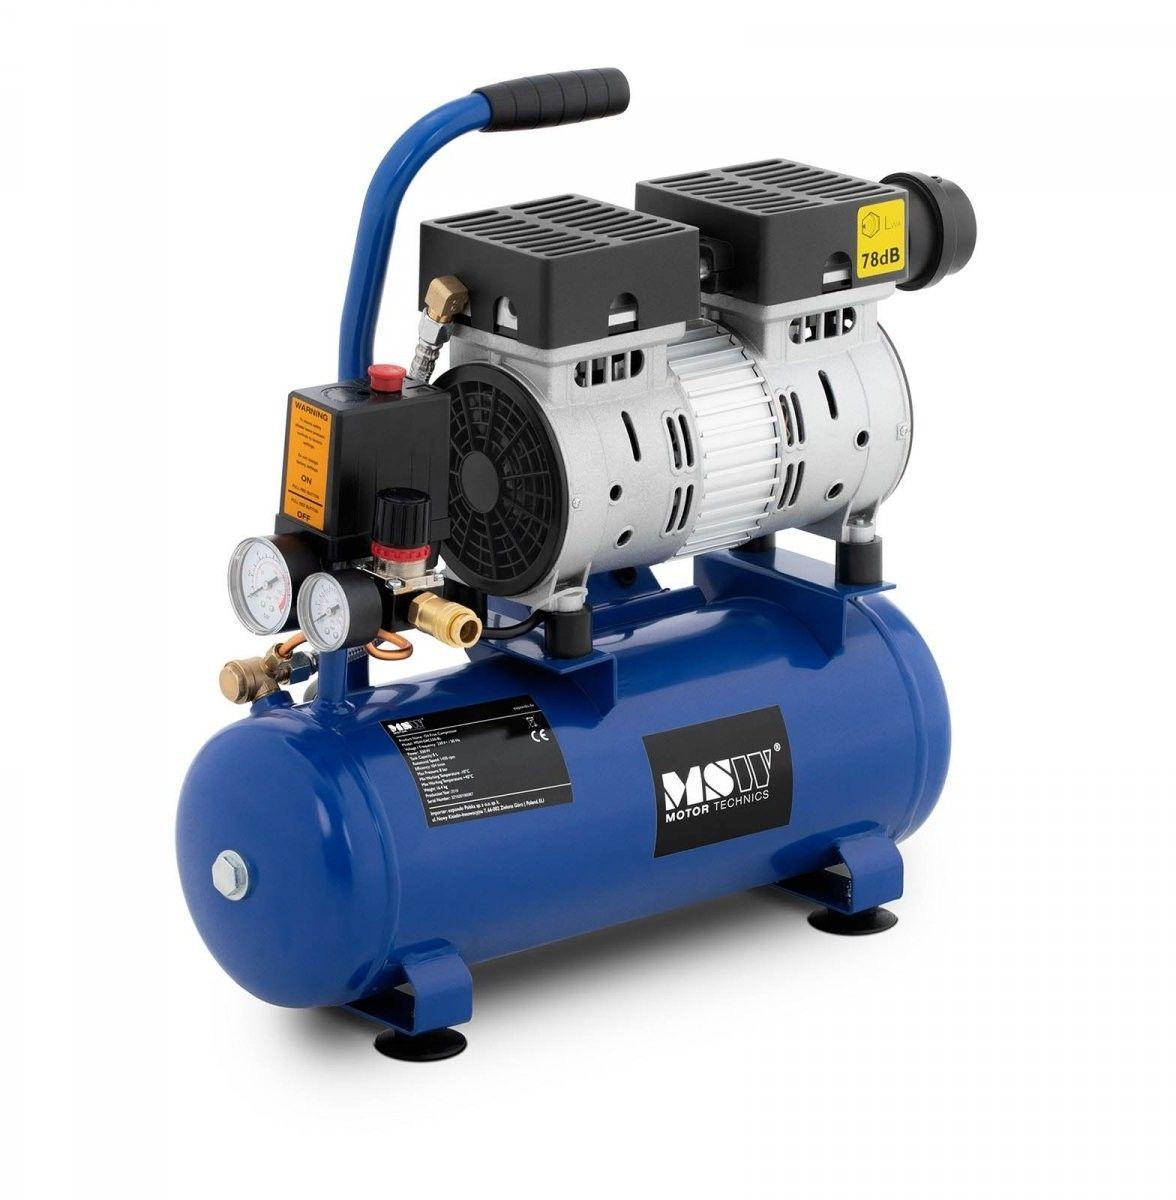 Kompresor bezolejowy - 550 W - 8 l - 8 bar - MSW - MSW-0AC550-8L - 3 lata gwarancji/wysyłka w 24h